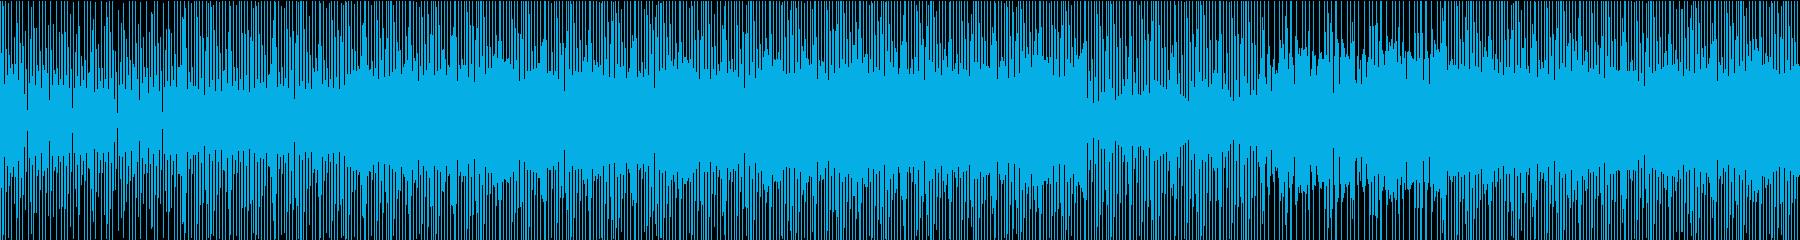 ミニマルテクノ-ydxの再生済みの波形